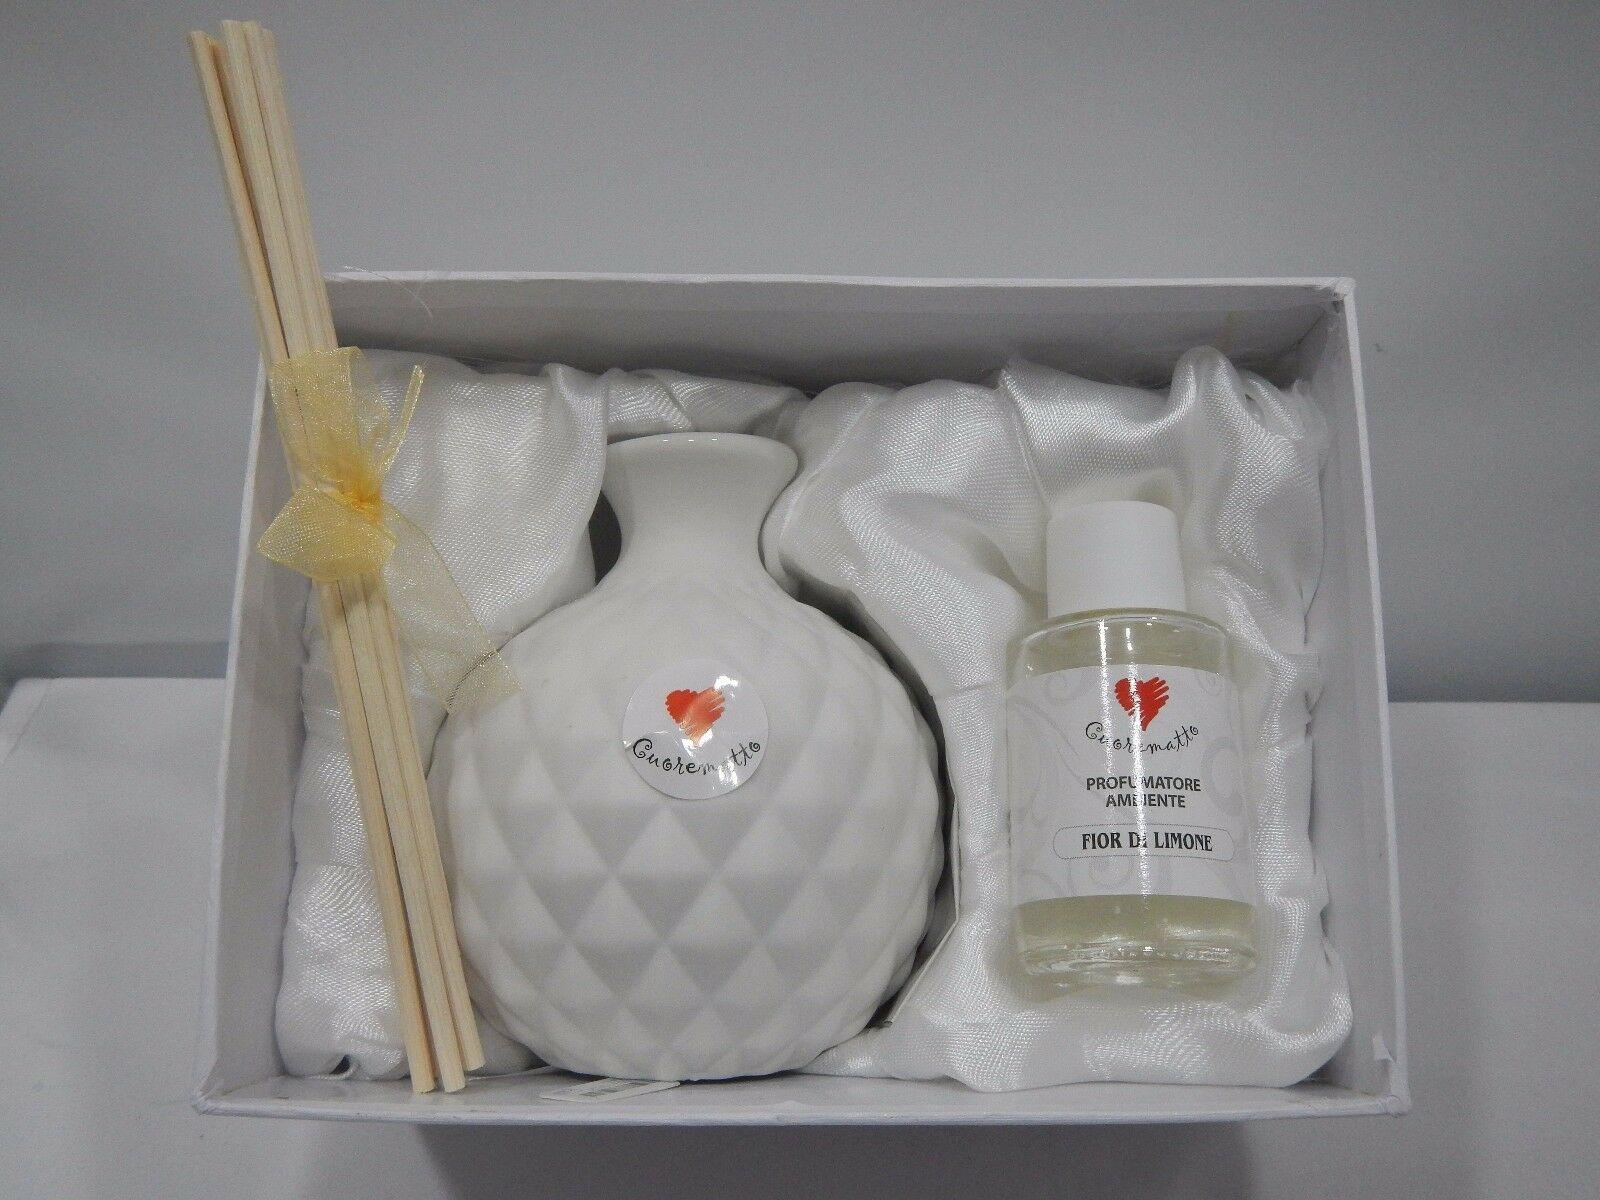 Profumatori Cuorematto in ceramica D5411 A B C D D5412 B C D